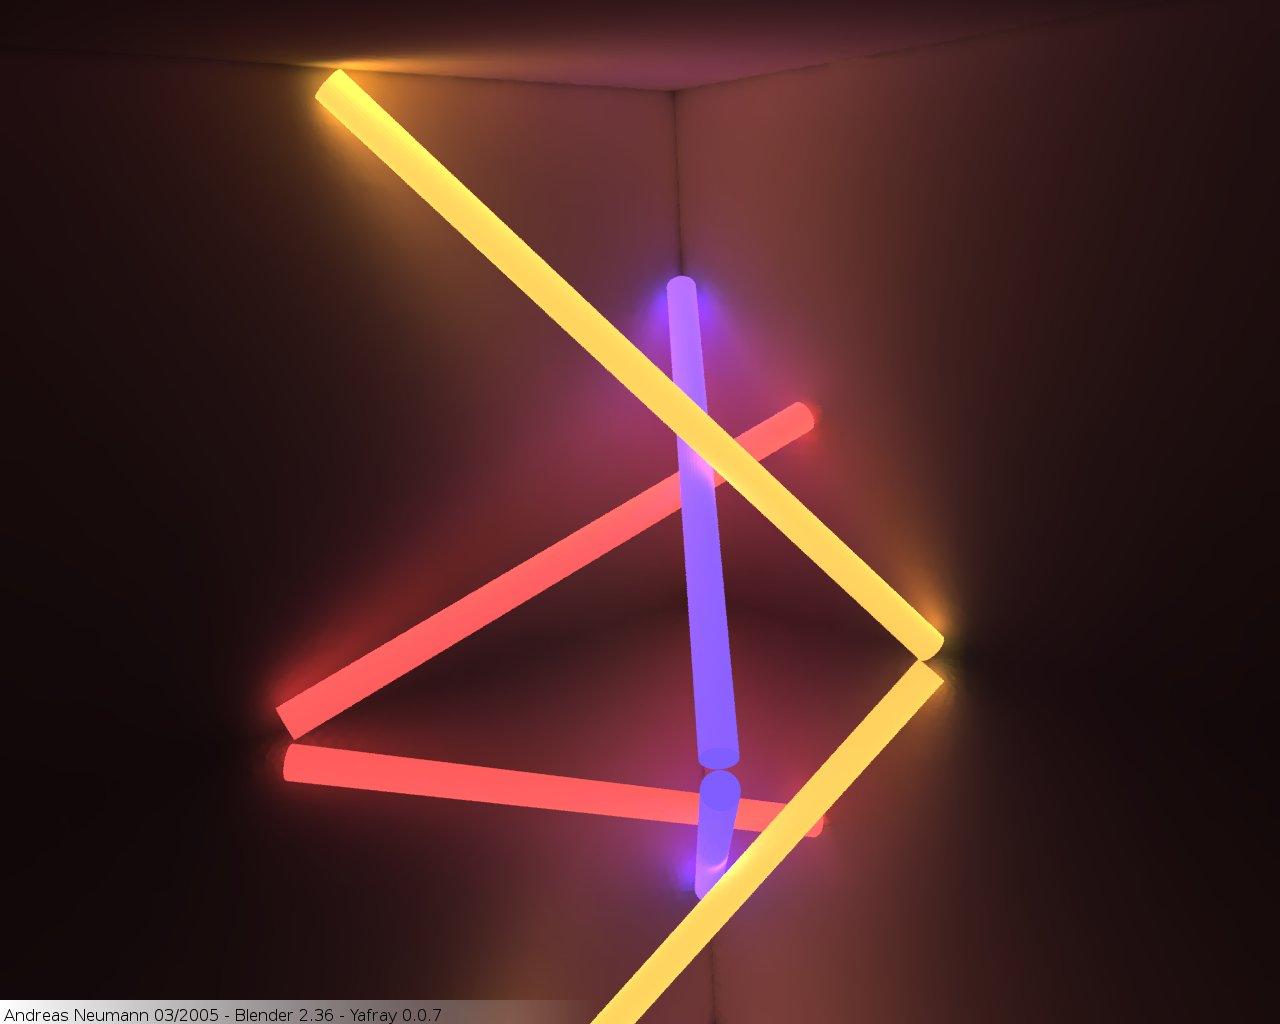 Yafray Neon Lamps